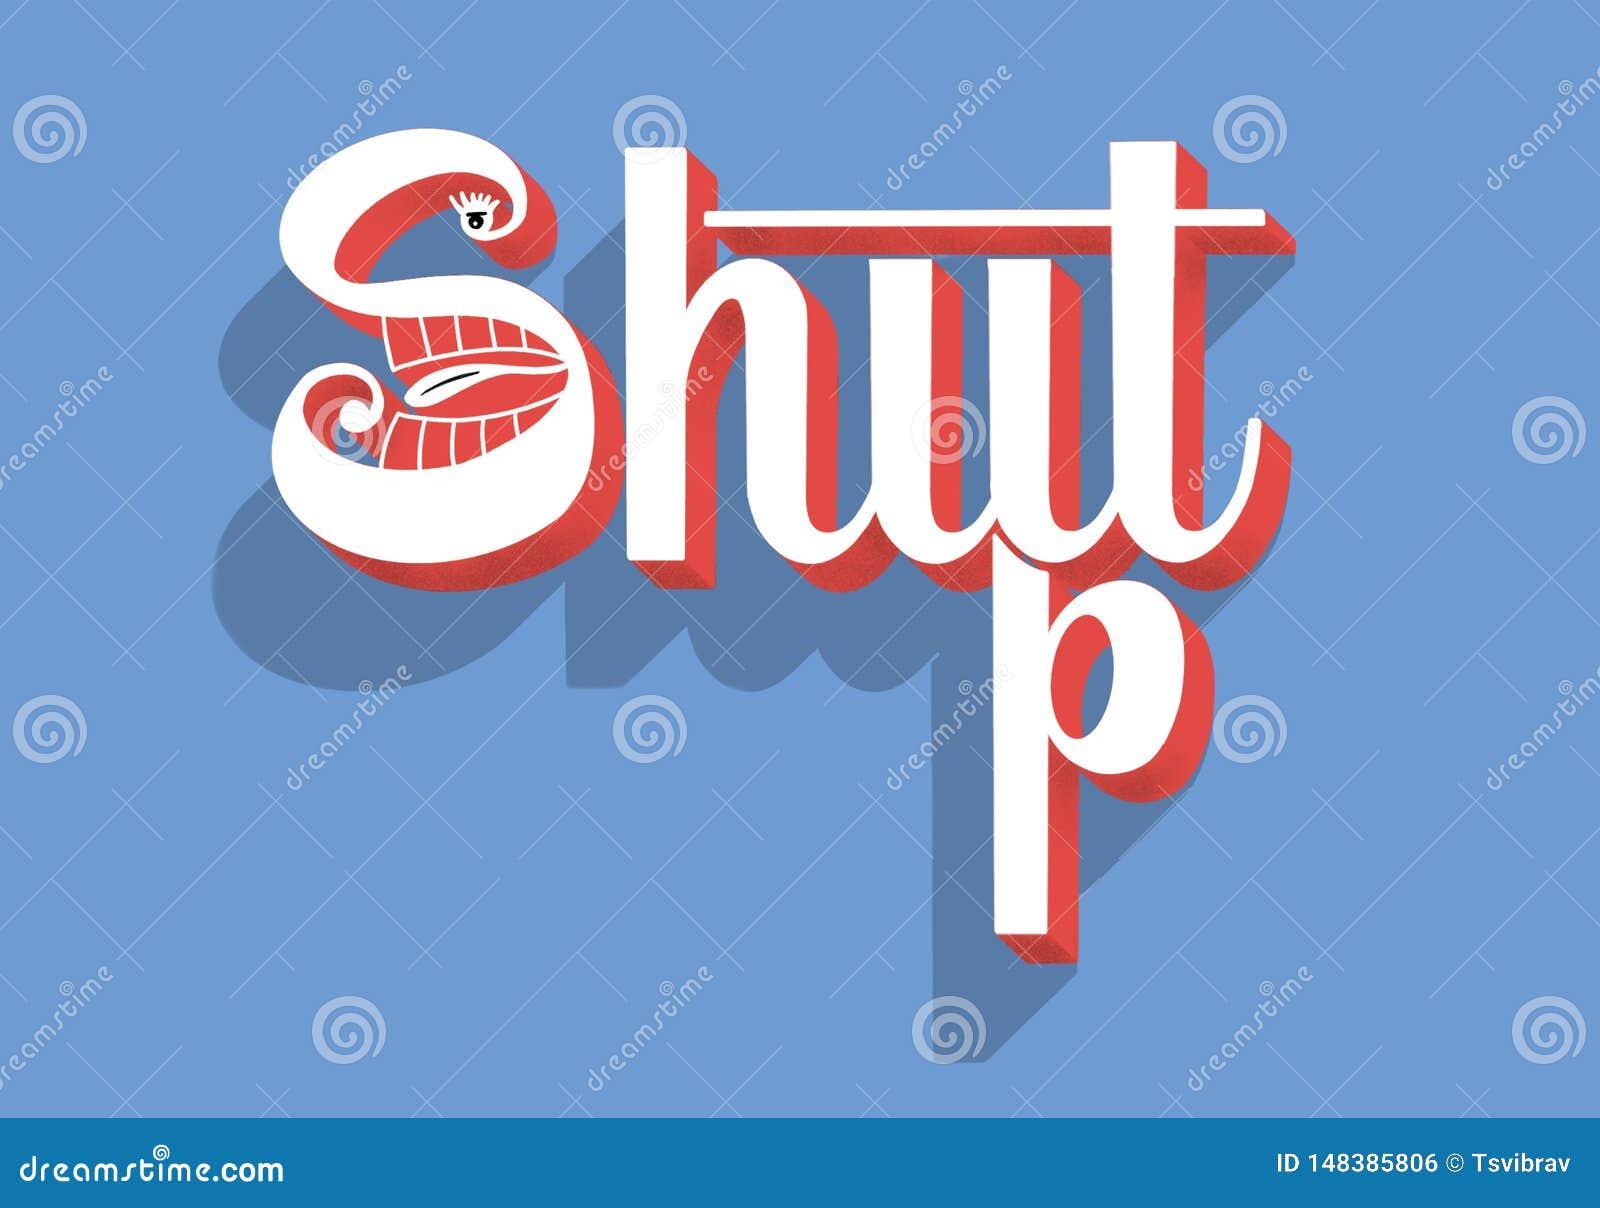 Zwijg - overhandig het van letters voorzien conceptuele samenstelling